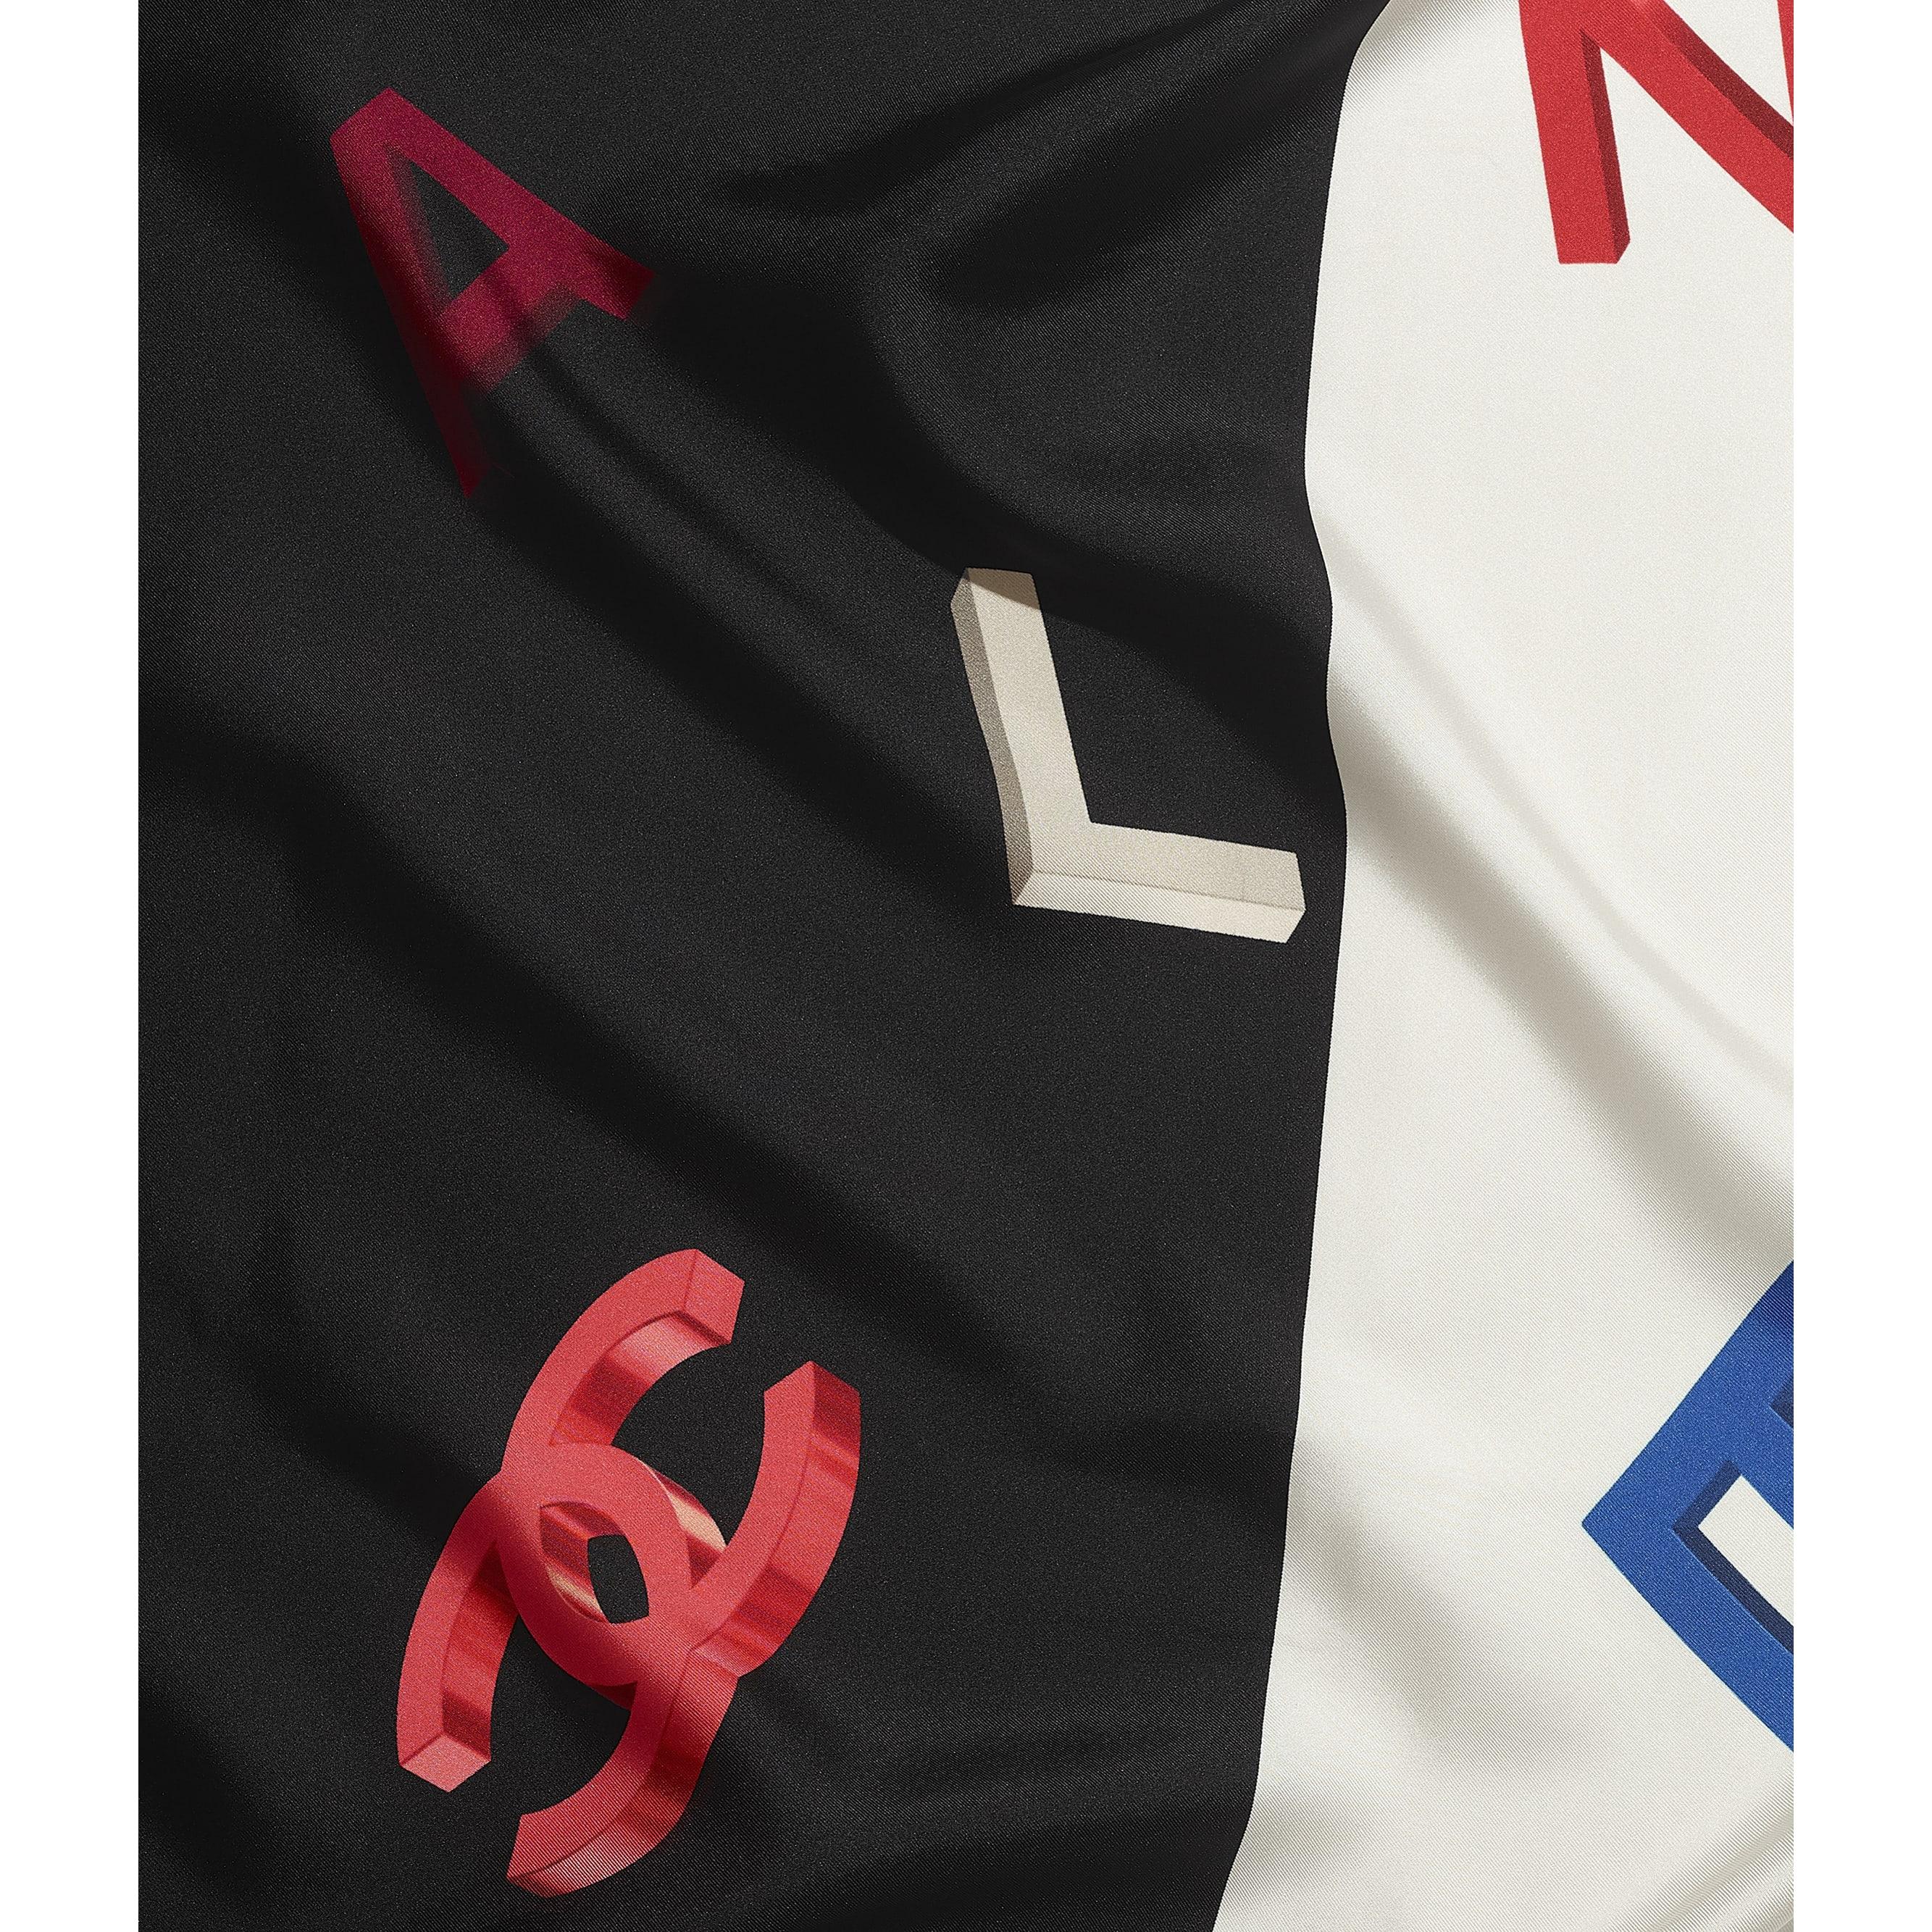 Шарф - Черный и цвет слоновой кости - Шелковый твид - Вид по умолчанию - посмотреть изображение стандартного размера